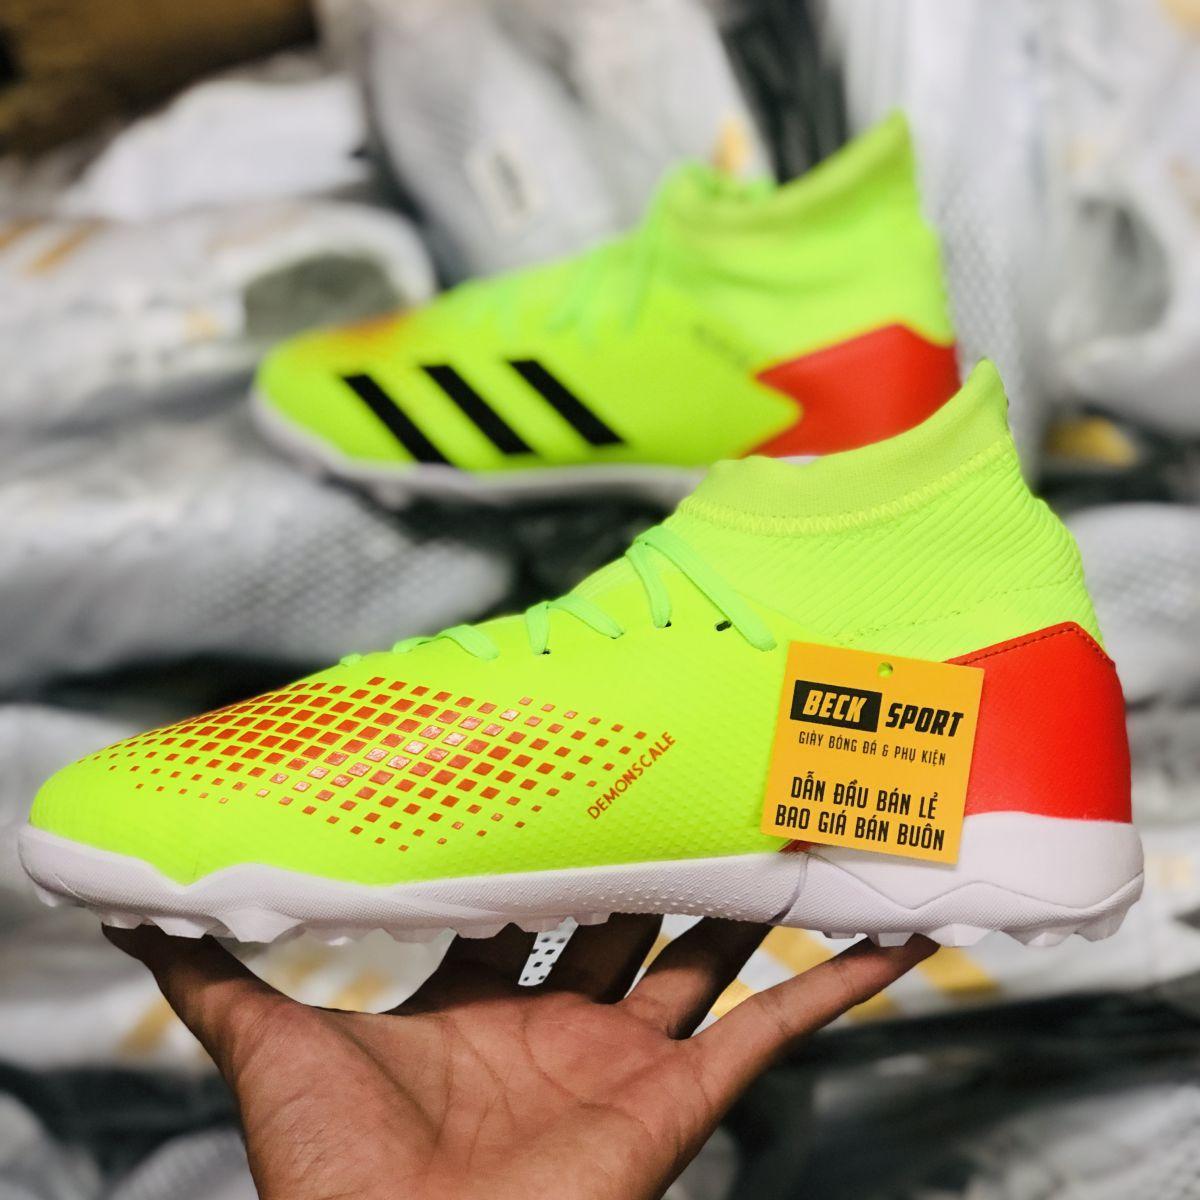 Giày Bóng Đá Adidas Predator 20.3 Nõn Chuối Đỏ Vạch Đen Cổ Cao TF